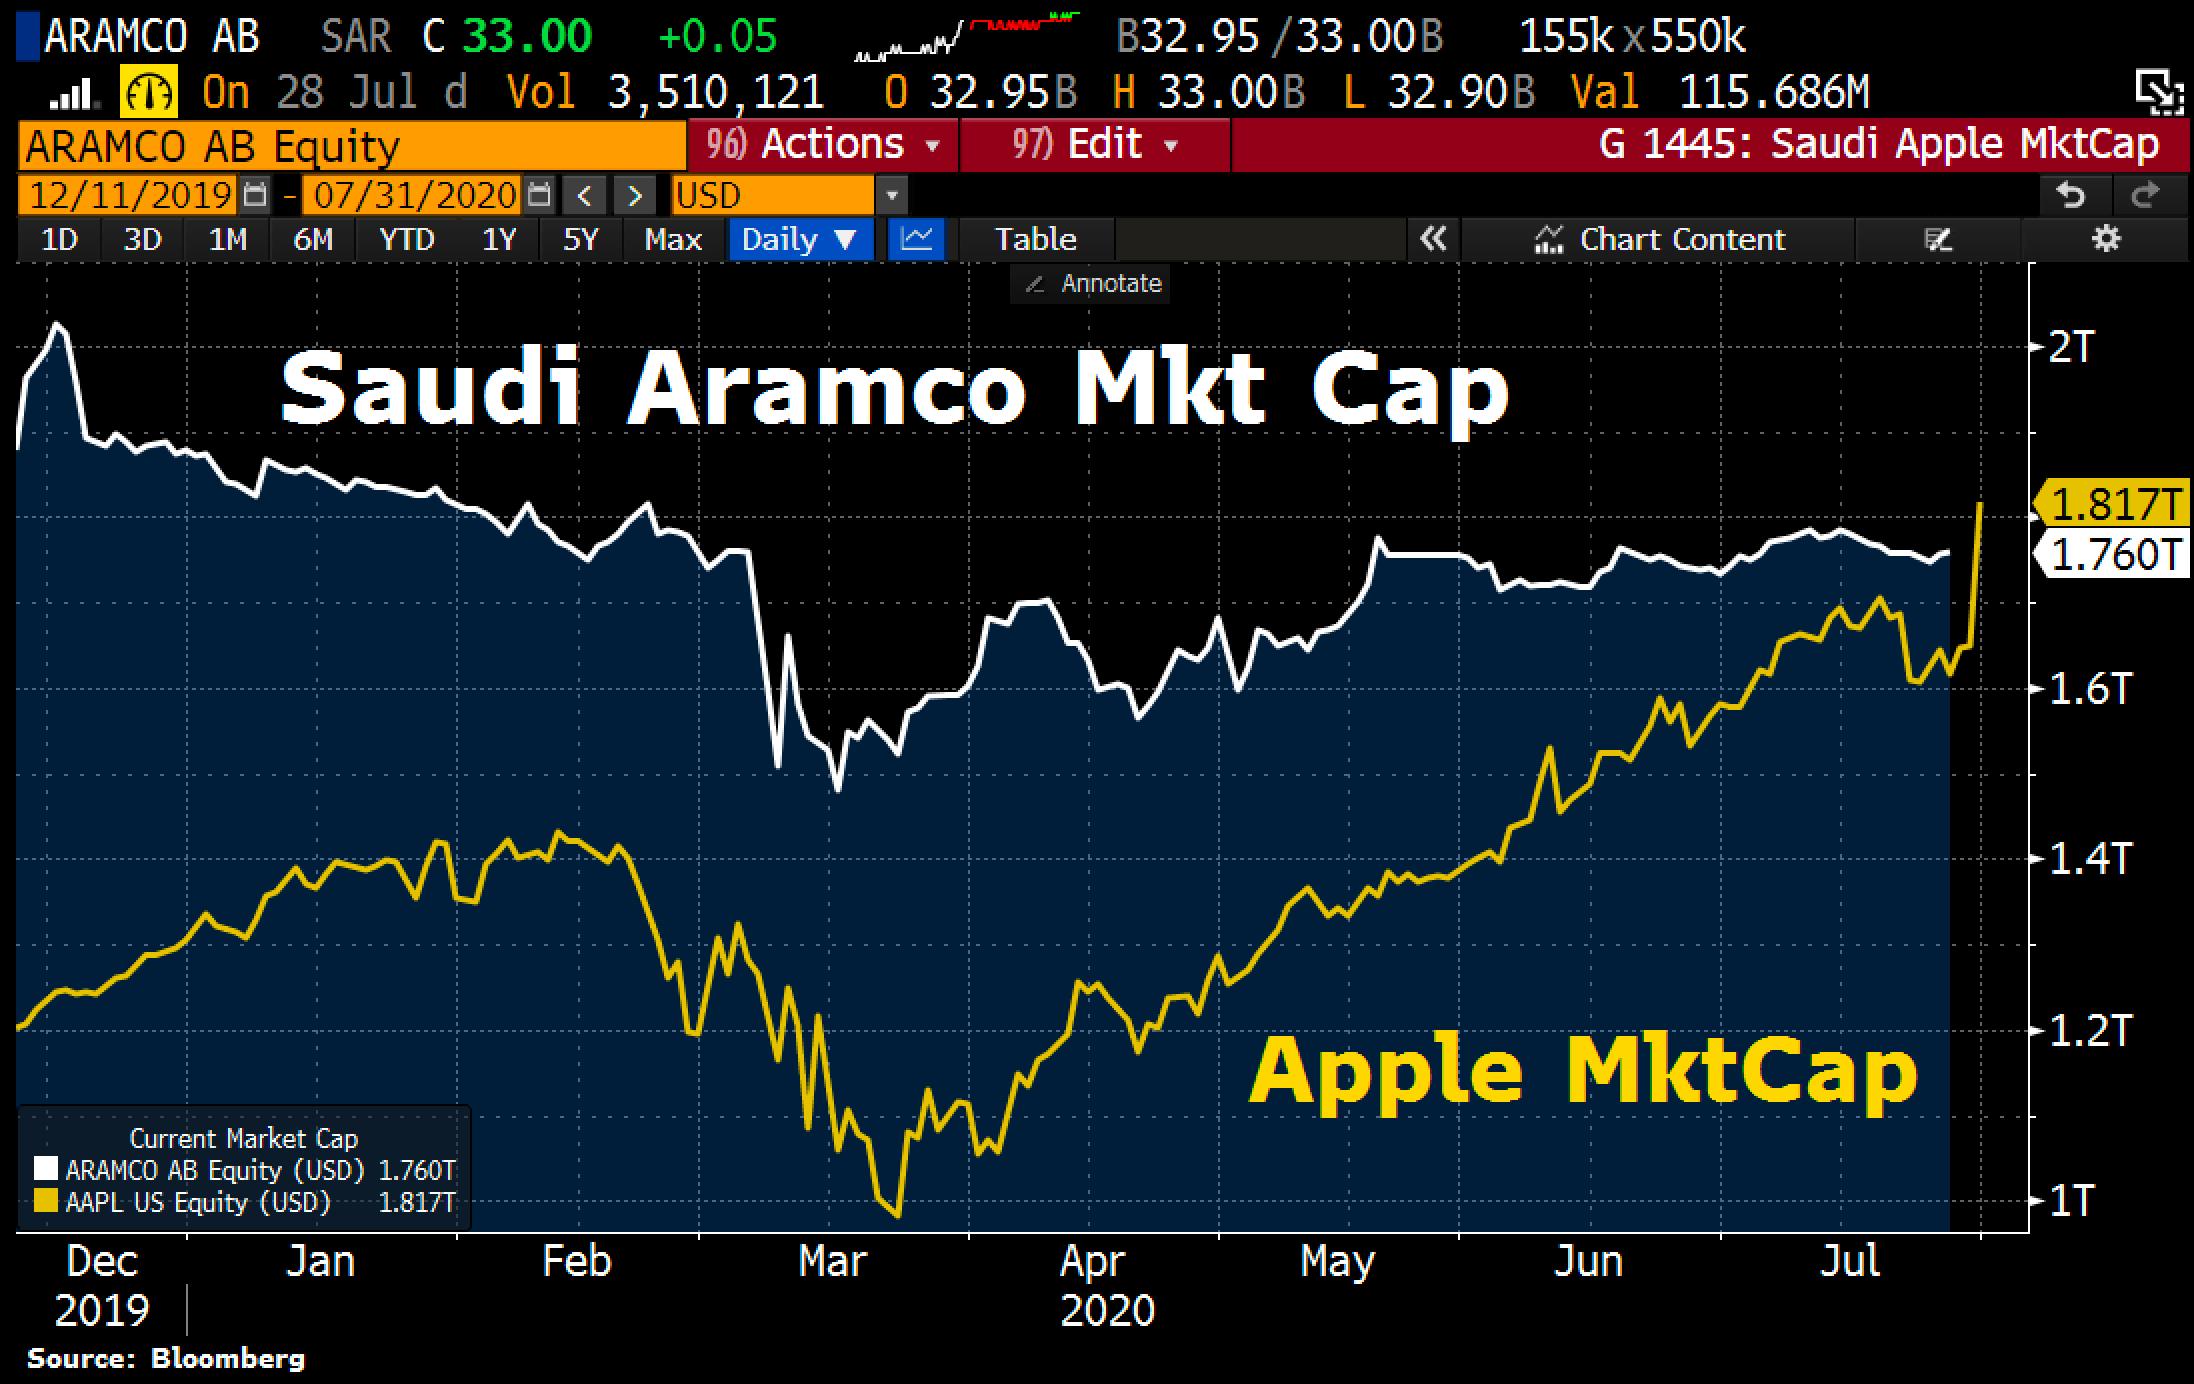 Apple supera a Saudi Aramco como la compañía más valiosa del mundo (Bloomberg)